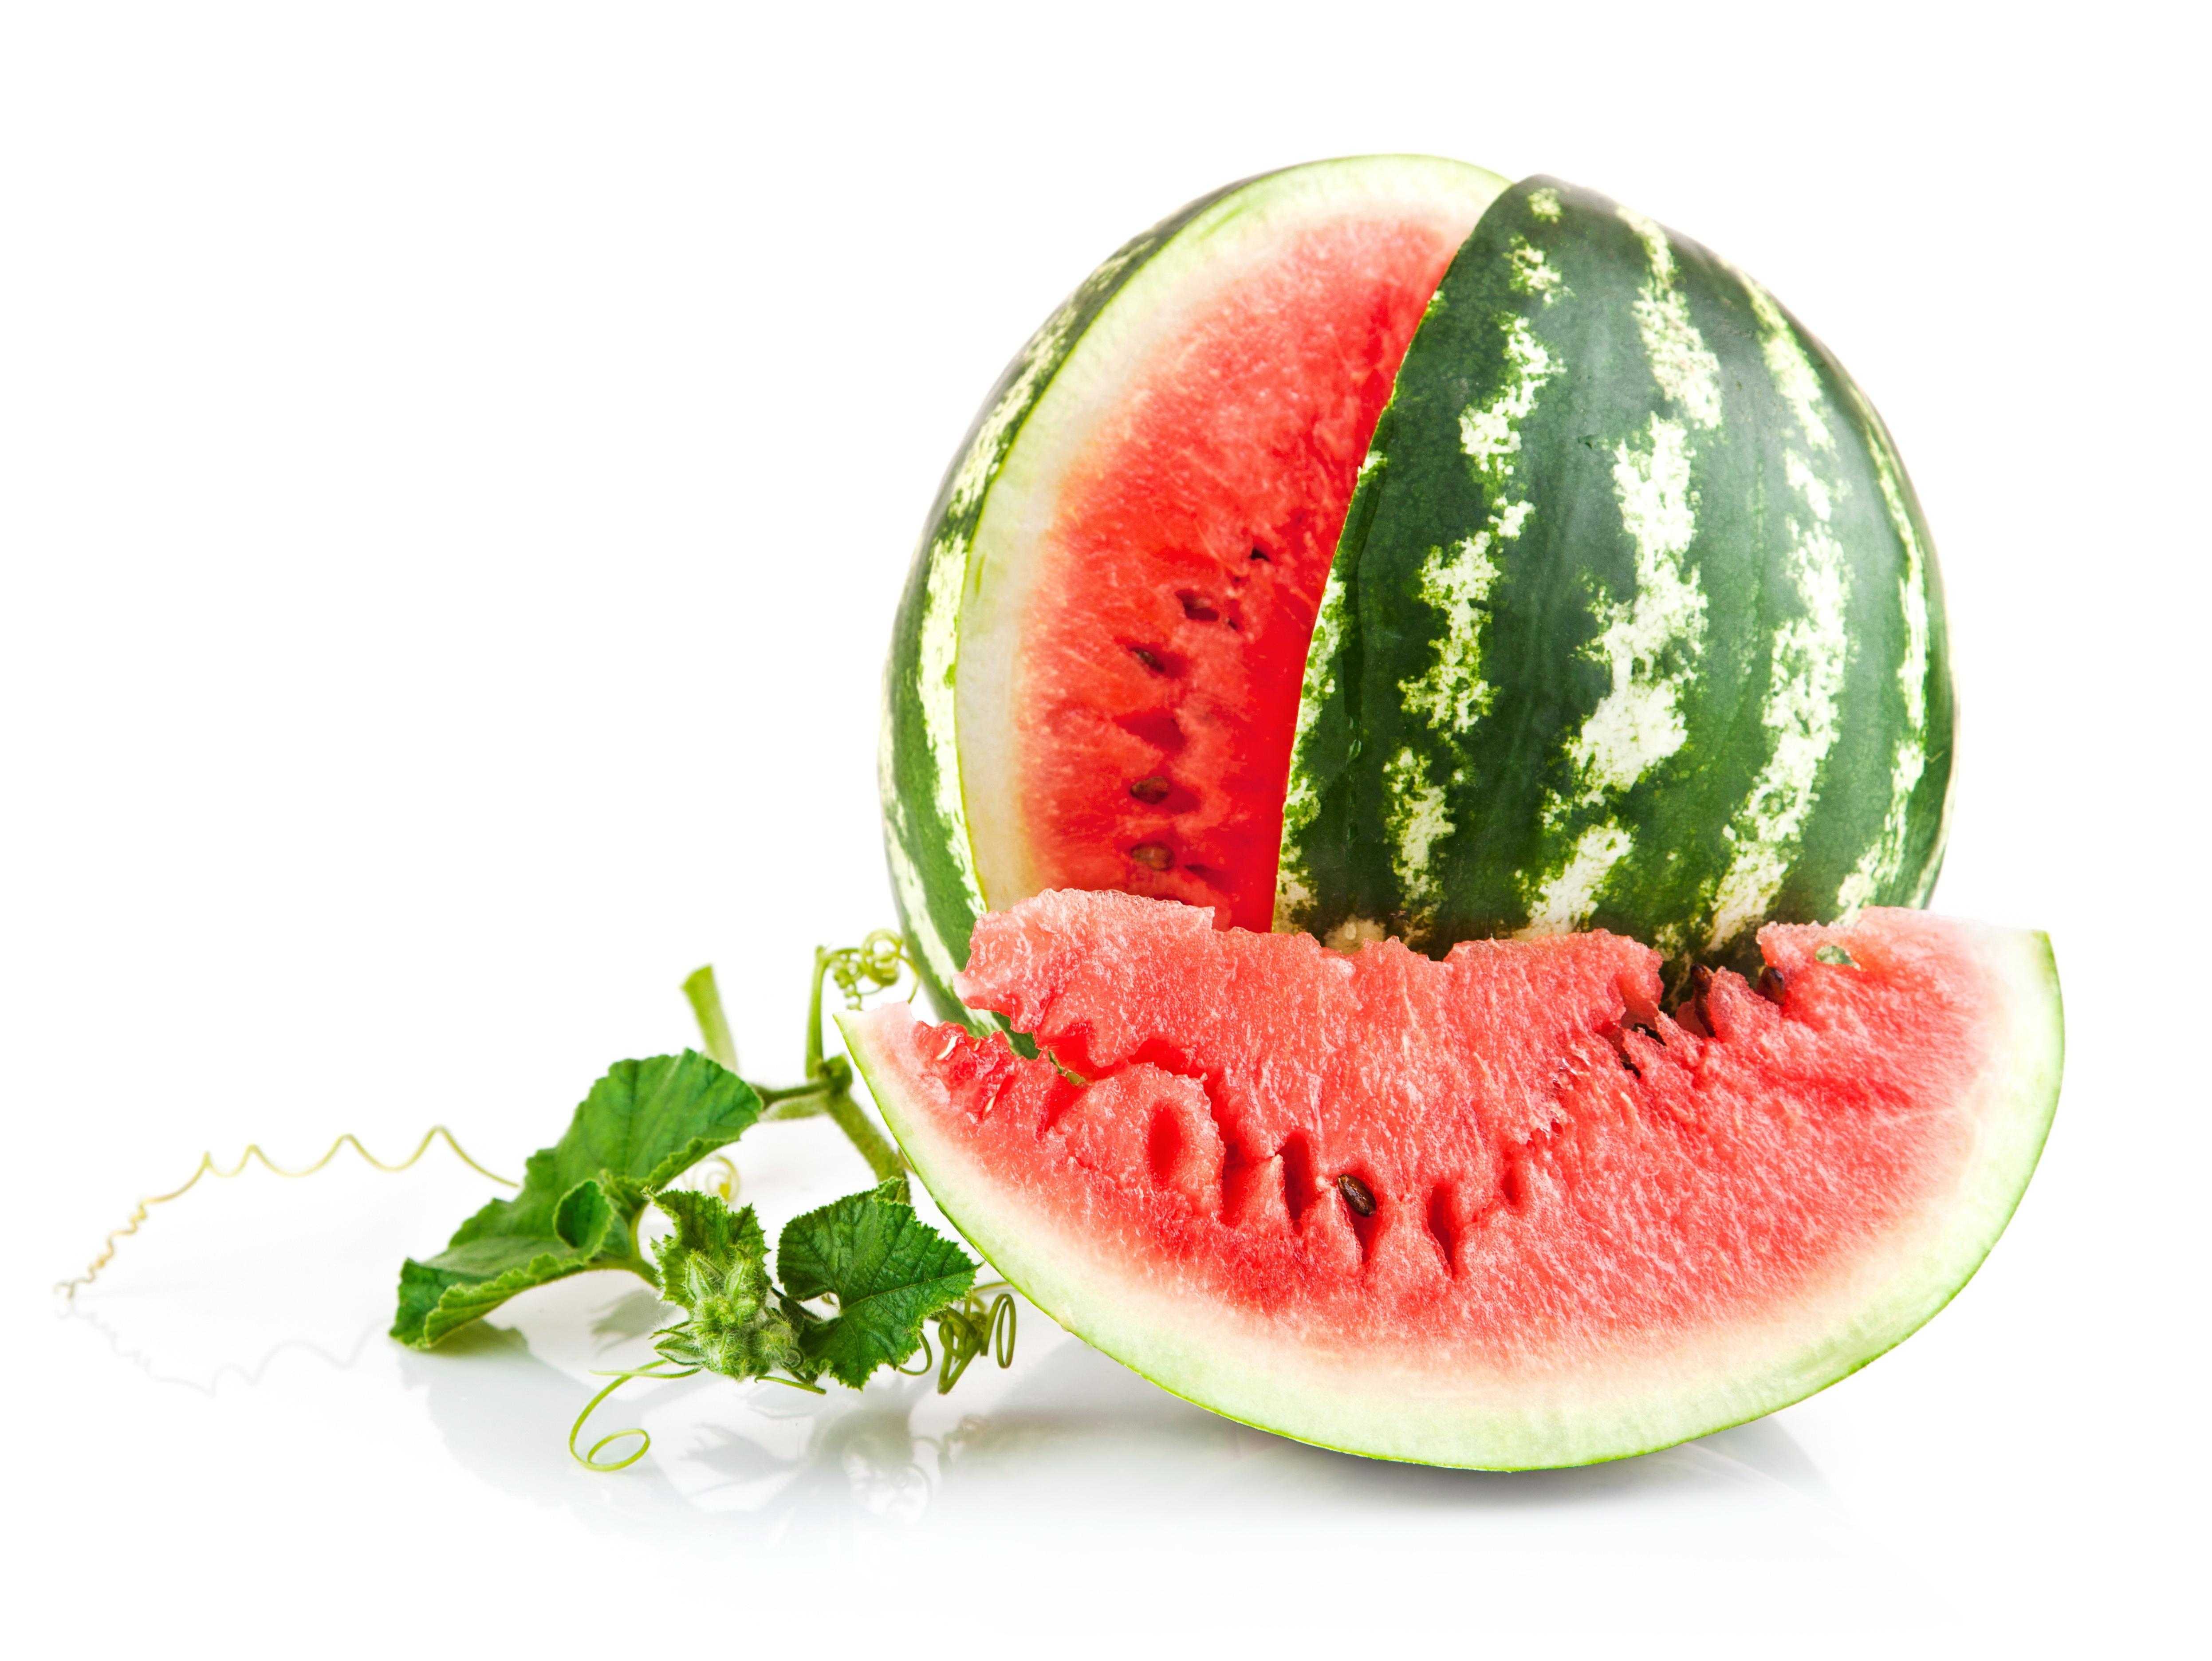 hintergrundbilder lebensmittel frucht melone wassermelone produzieren landanlage. Black Bedroom Furniture Sets. Home Design Ideas